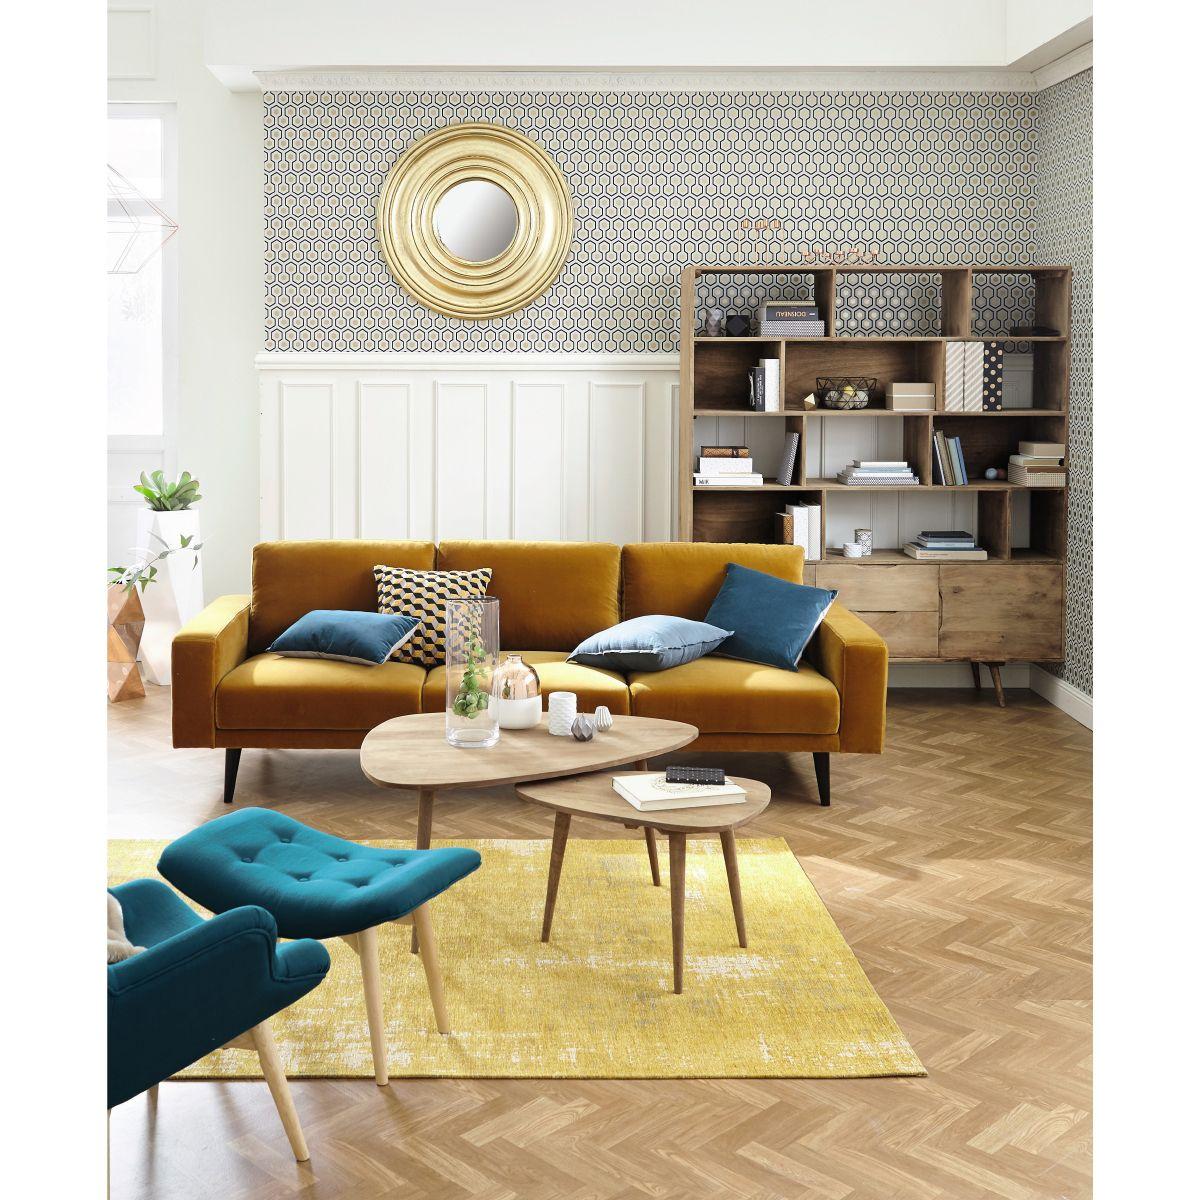 D couvrez la collection meubles d coration 2016 maisons for Maison du monde collection